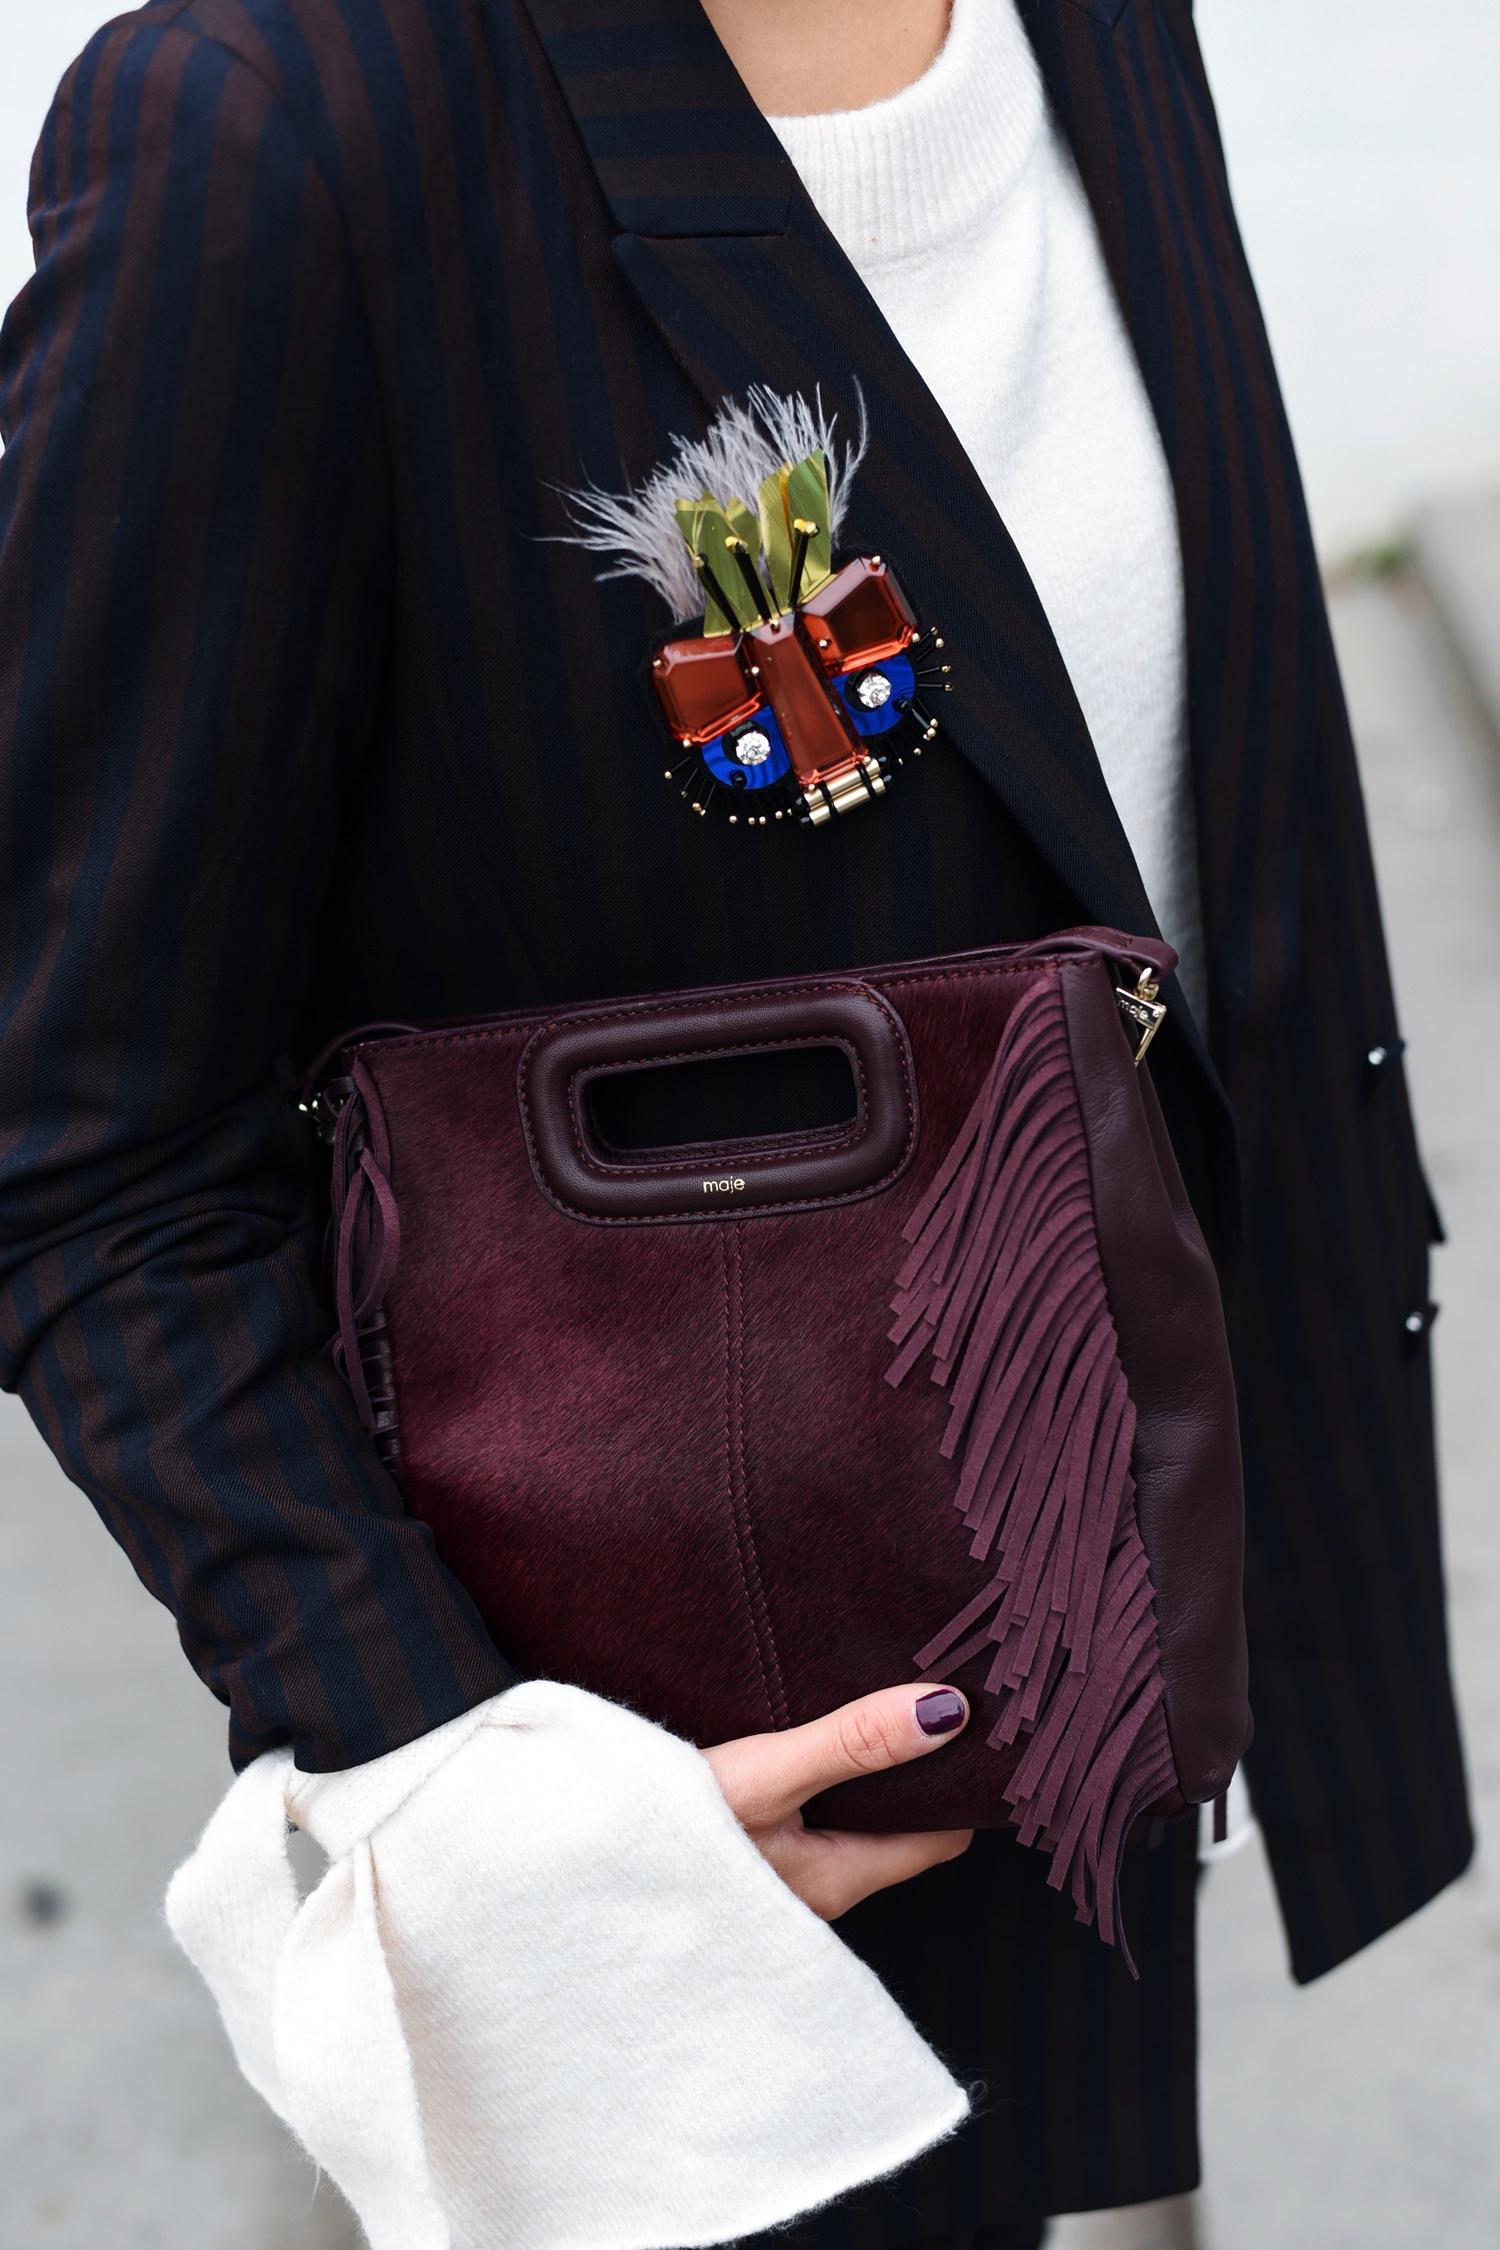 maje-fringed-bag-mini-burgundy-red-blogger-streetstyle-fashiioncarpet